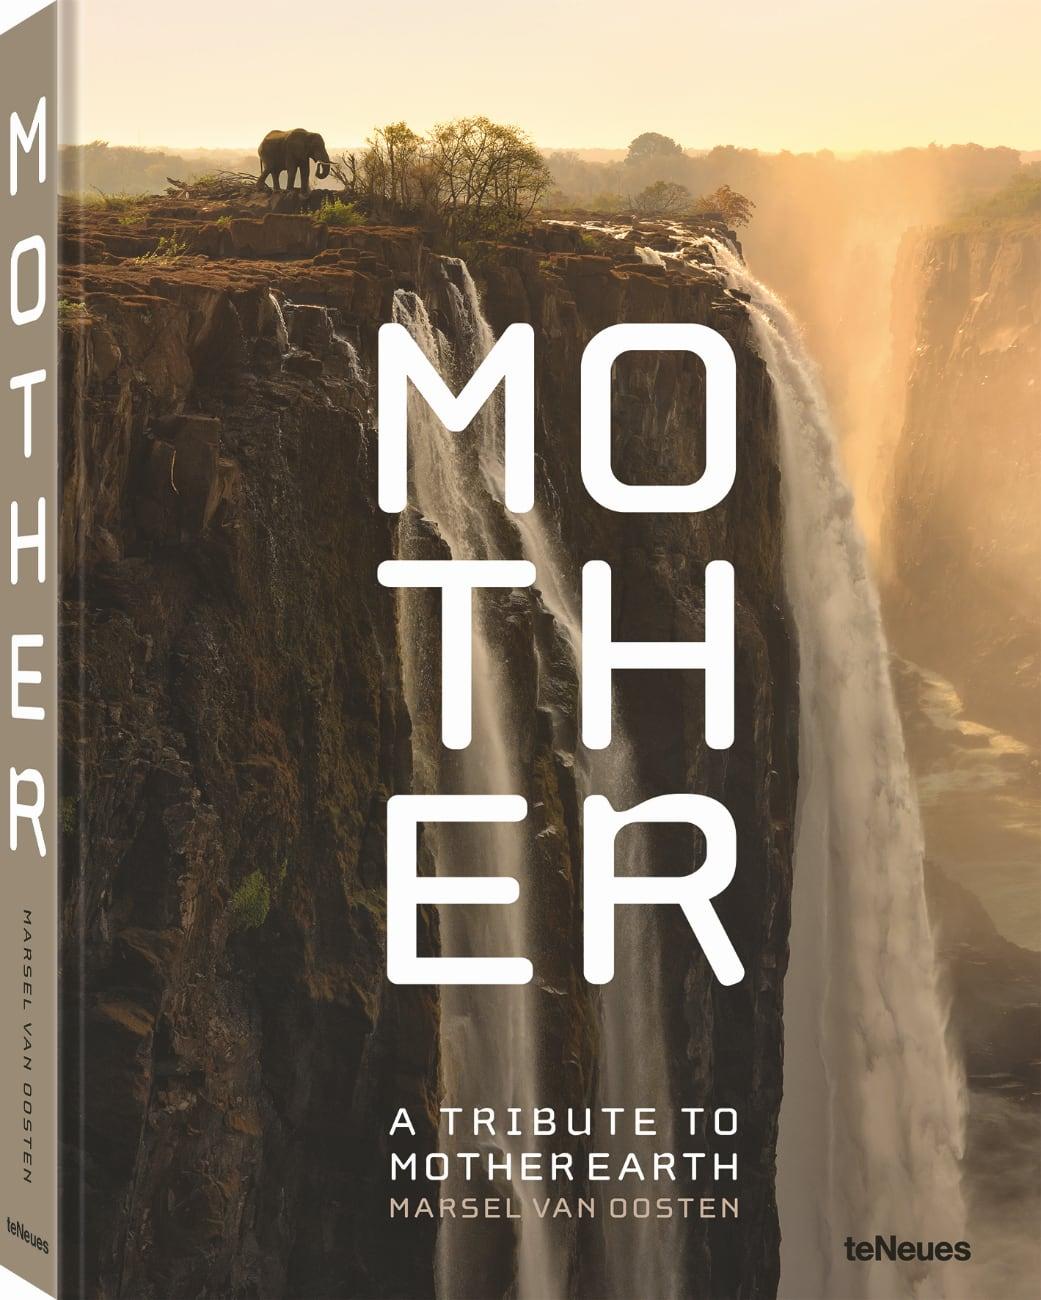 Fotoboek: Mother - A Tribute to Mother Earth van Marsel van Oosten,